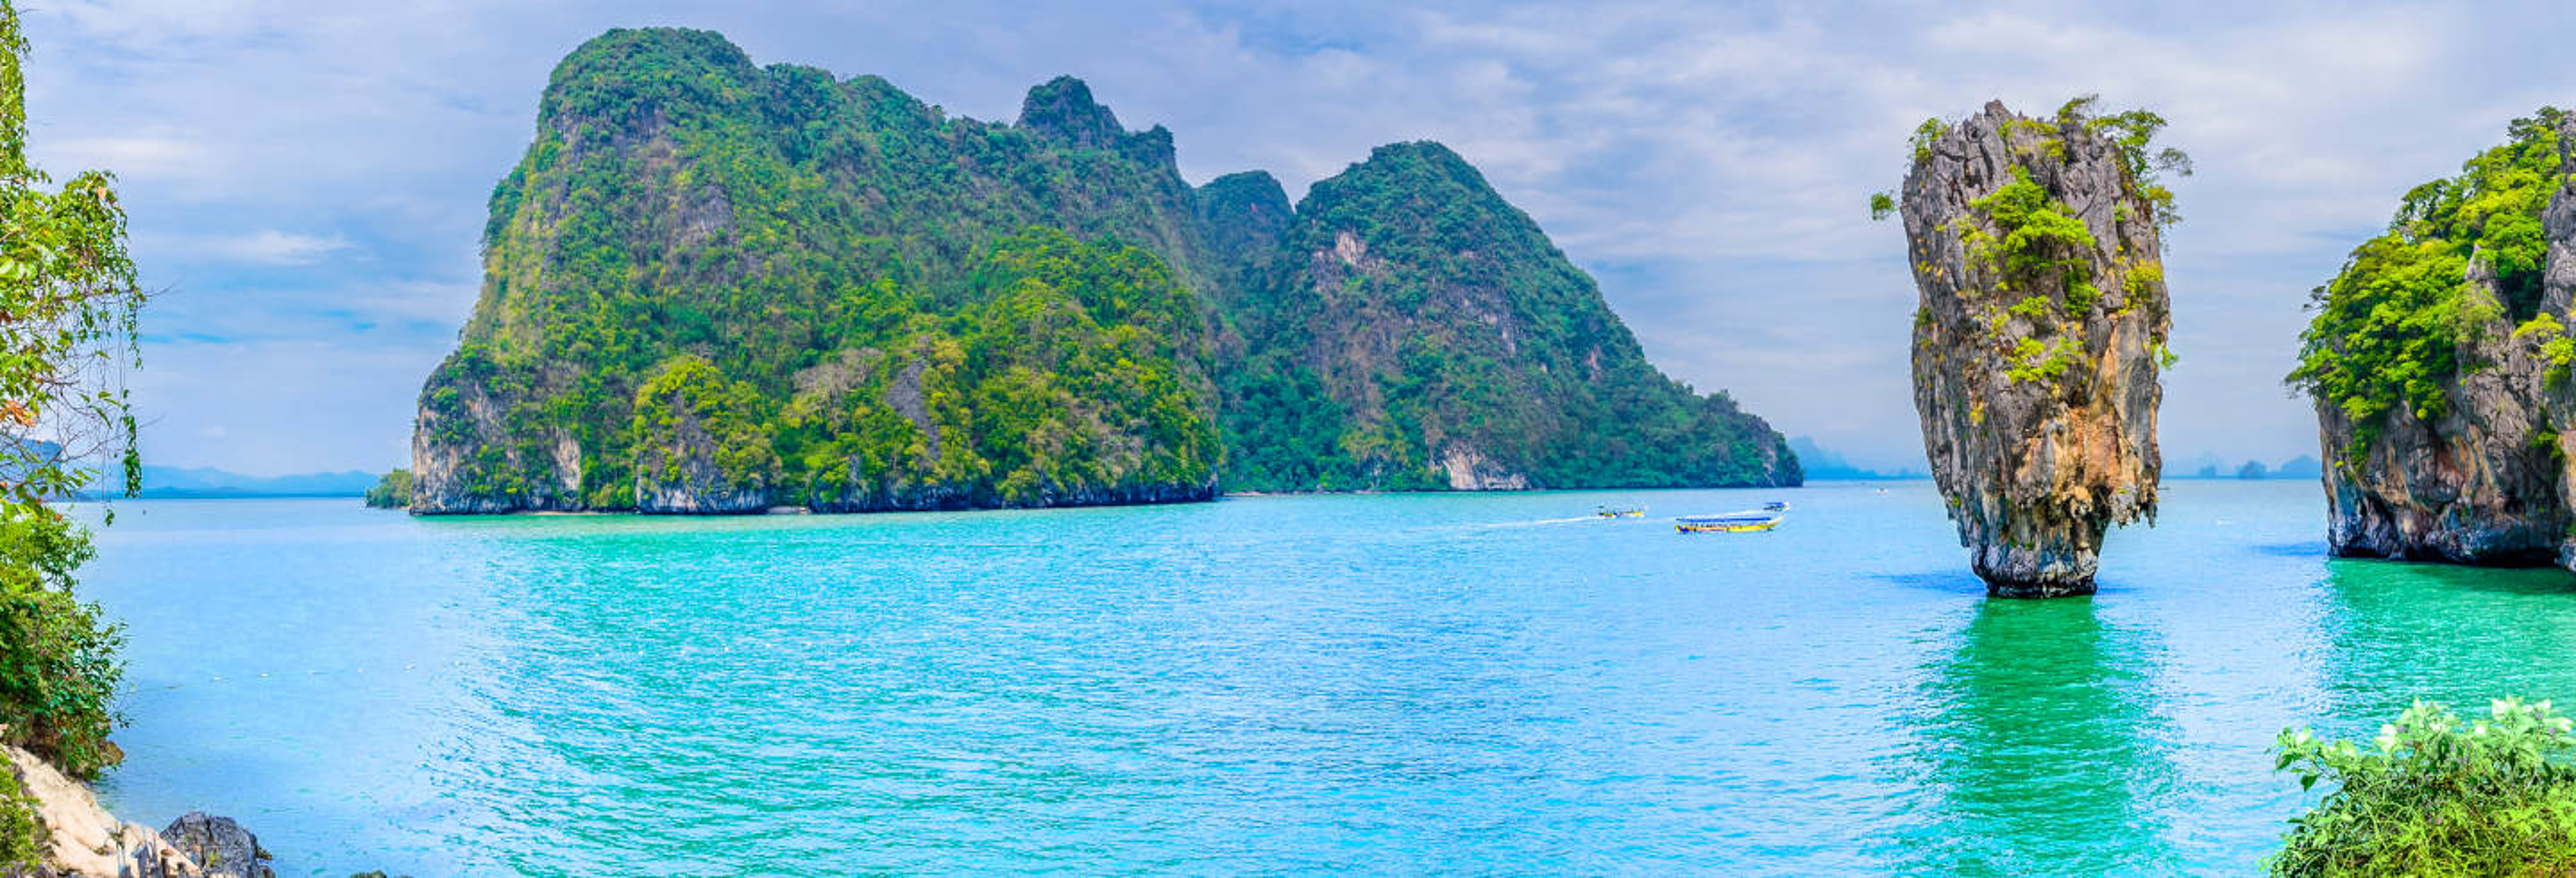 Excursion à l'île de James Bond en bateau